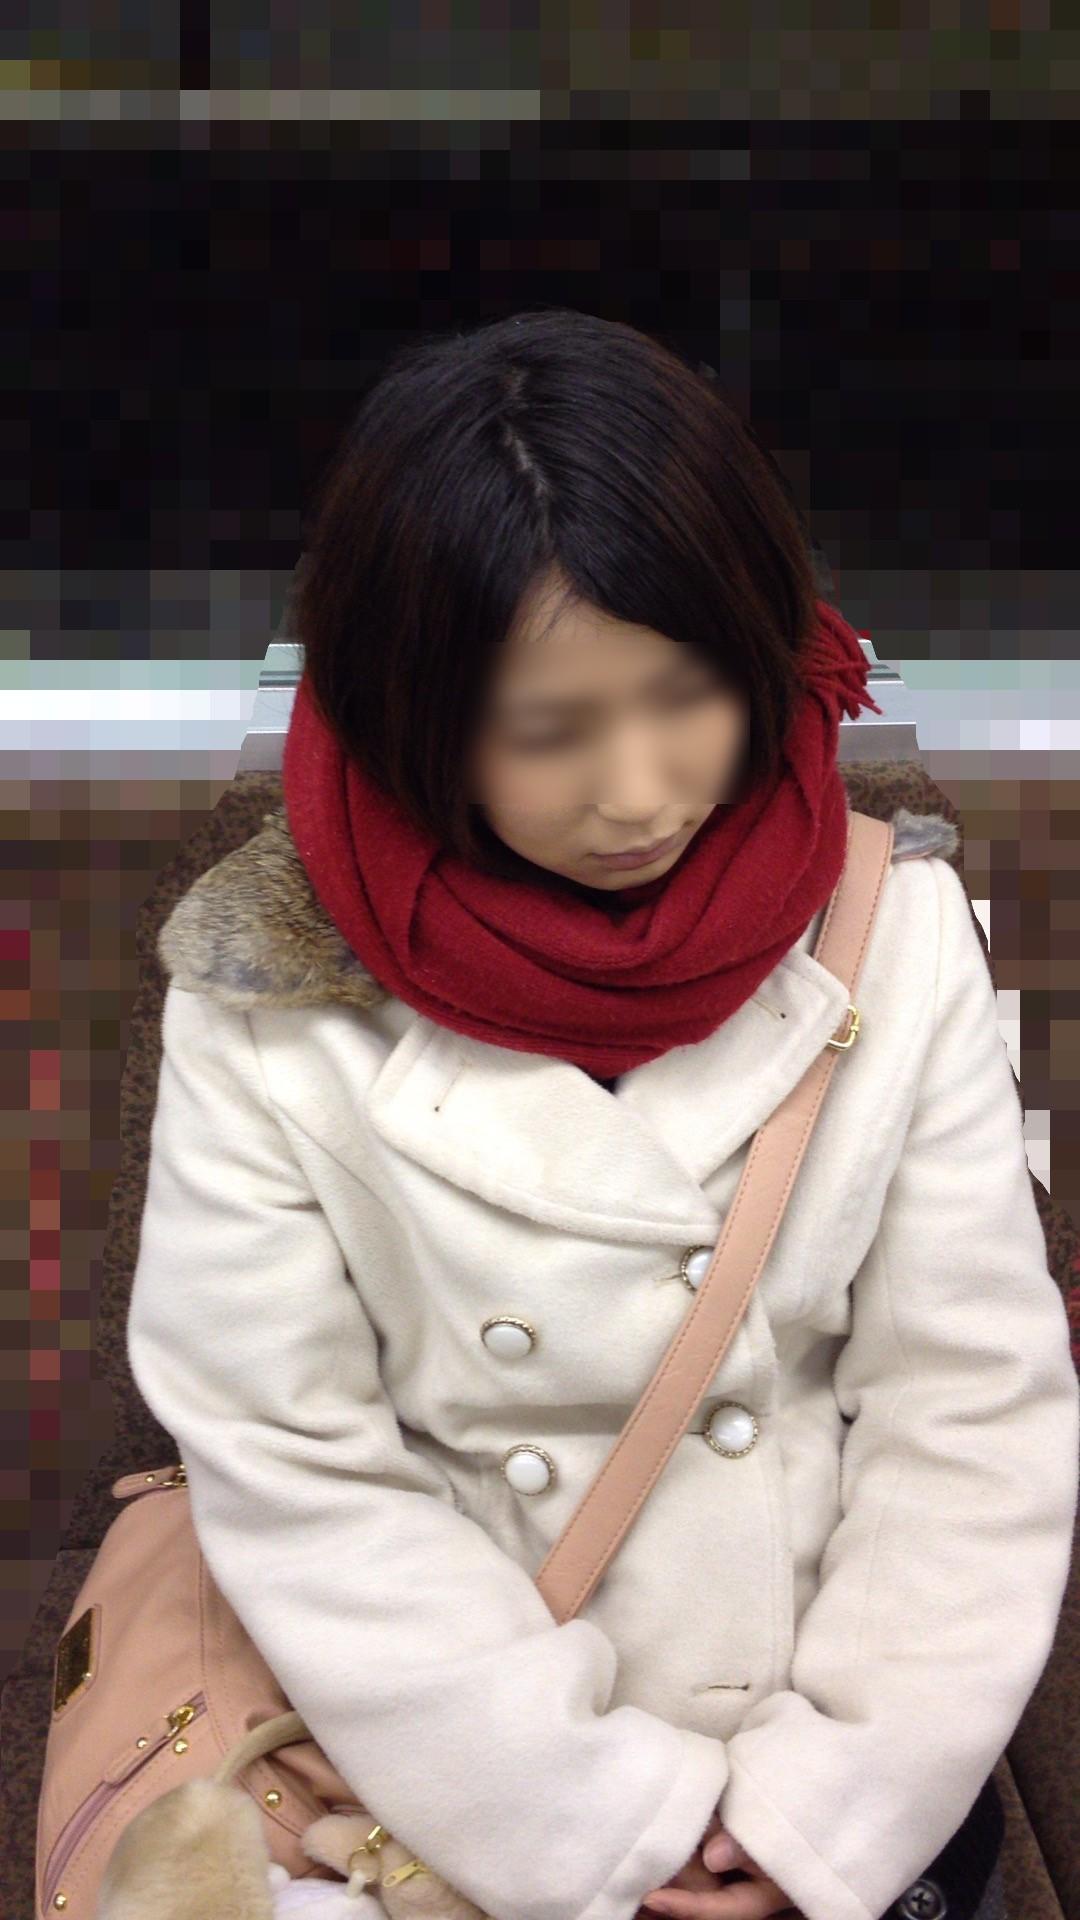 【おっぱい】電車で無防備になってしまう最近の女の子の胸チラ風景まとめ【31枚】 19